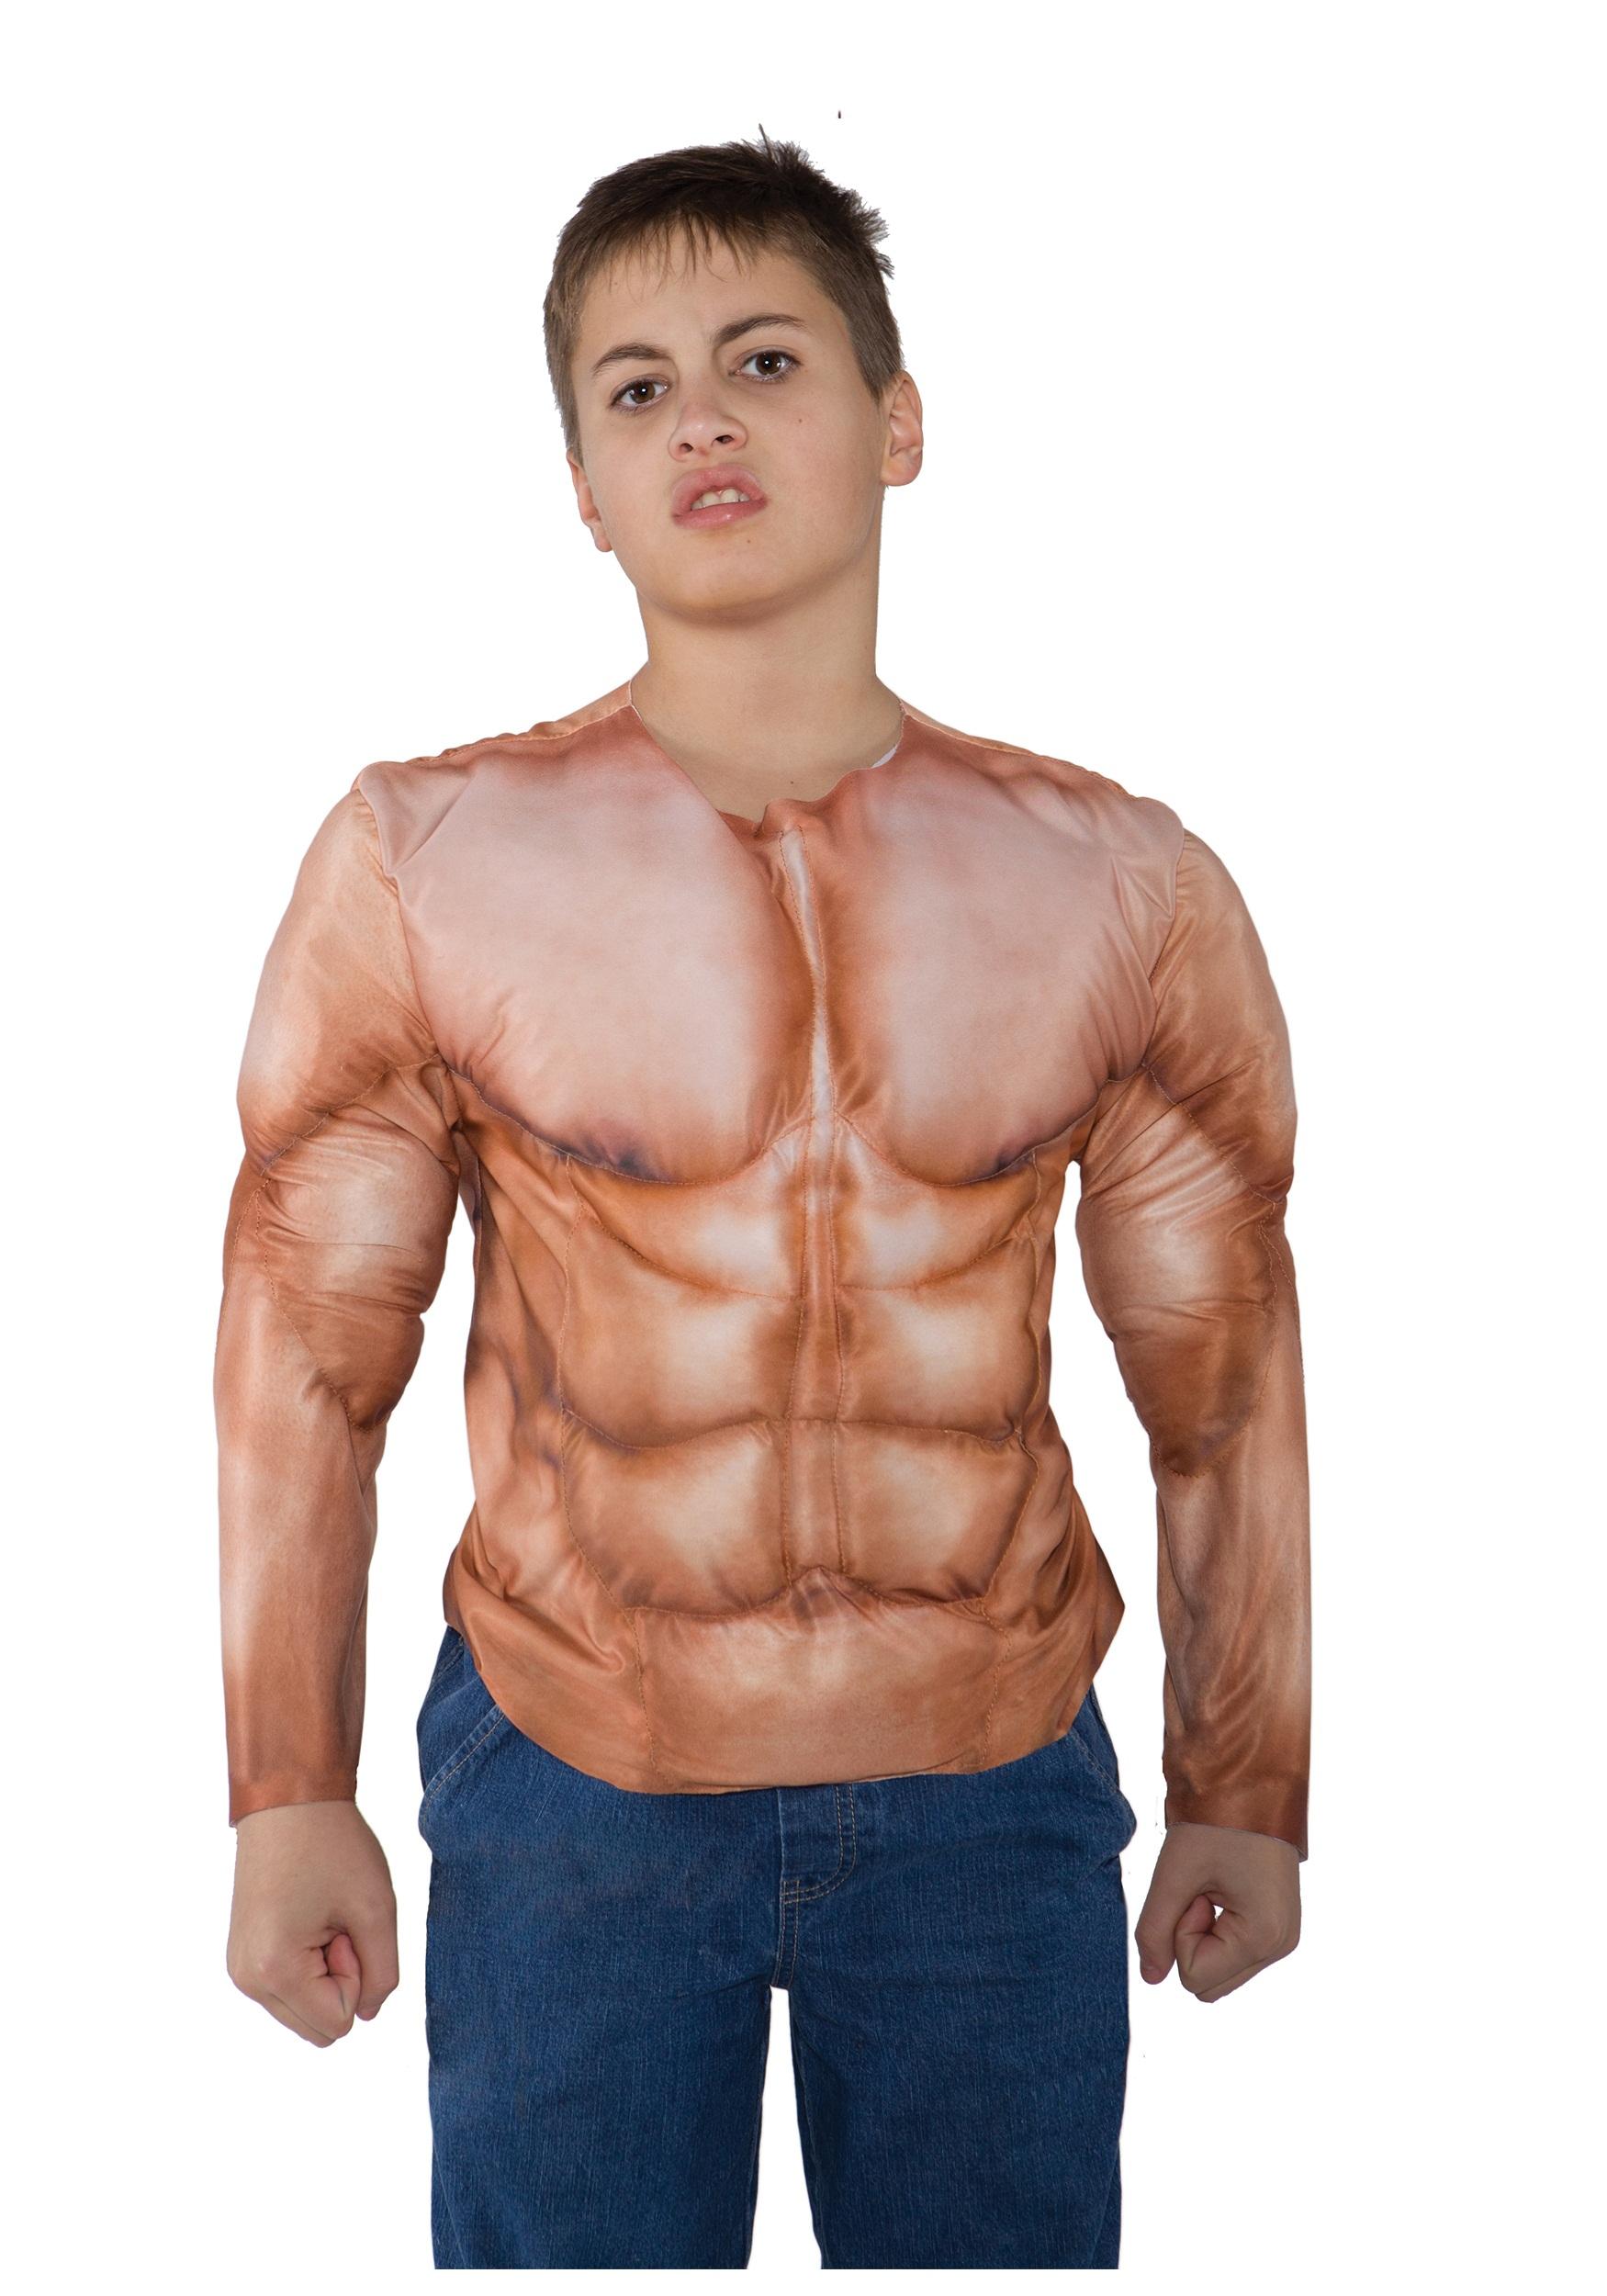 Slightly muscular men